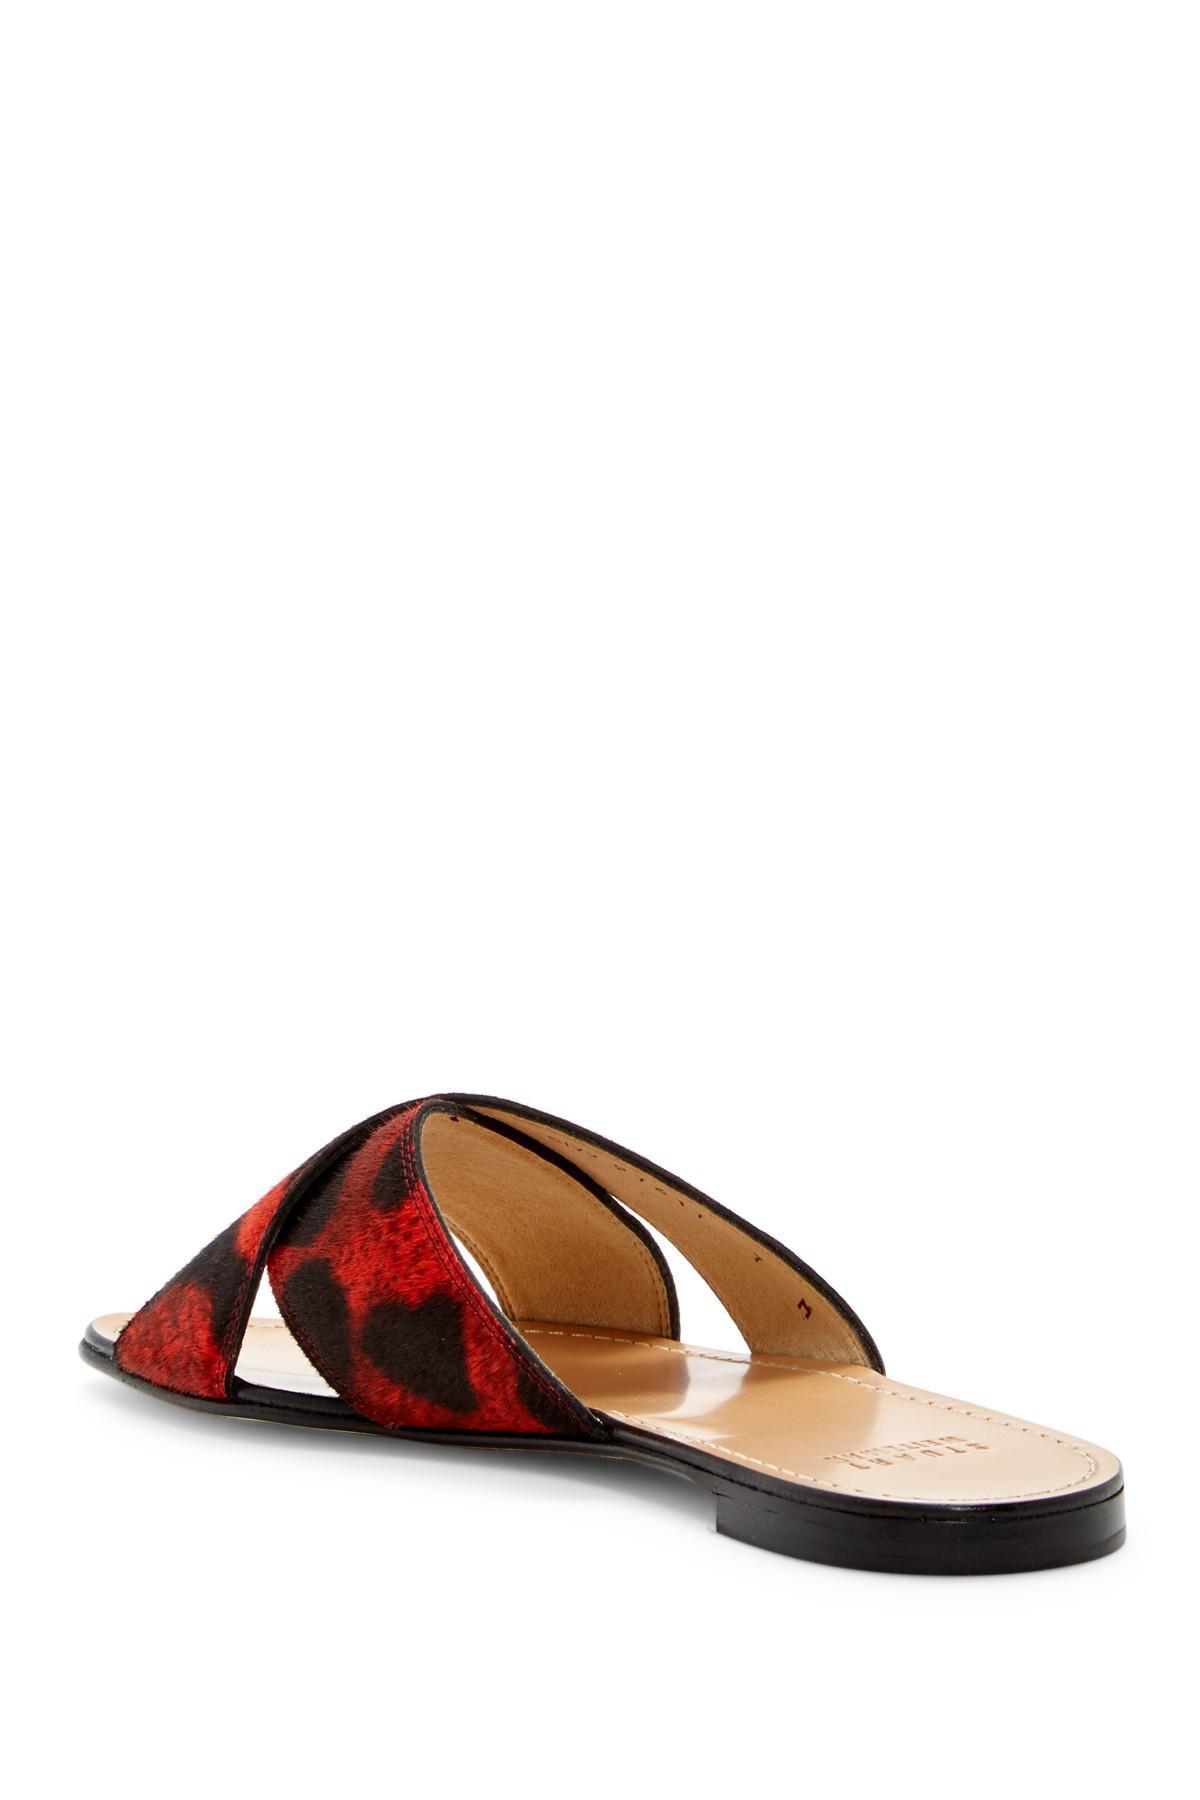 Lyst Stuart Weitzman Byway Slide Sandal In Red